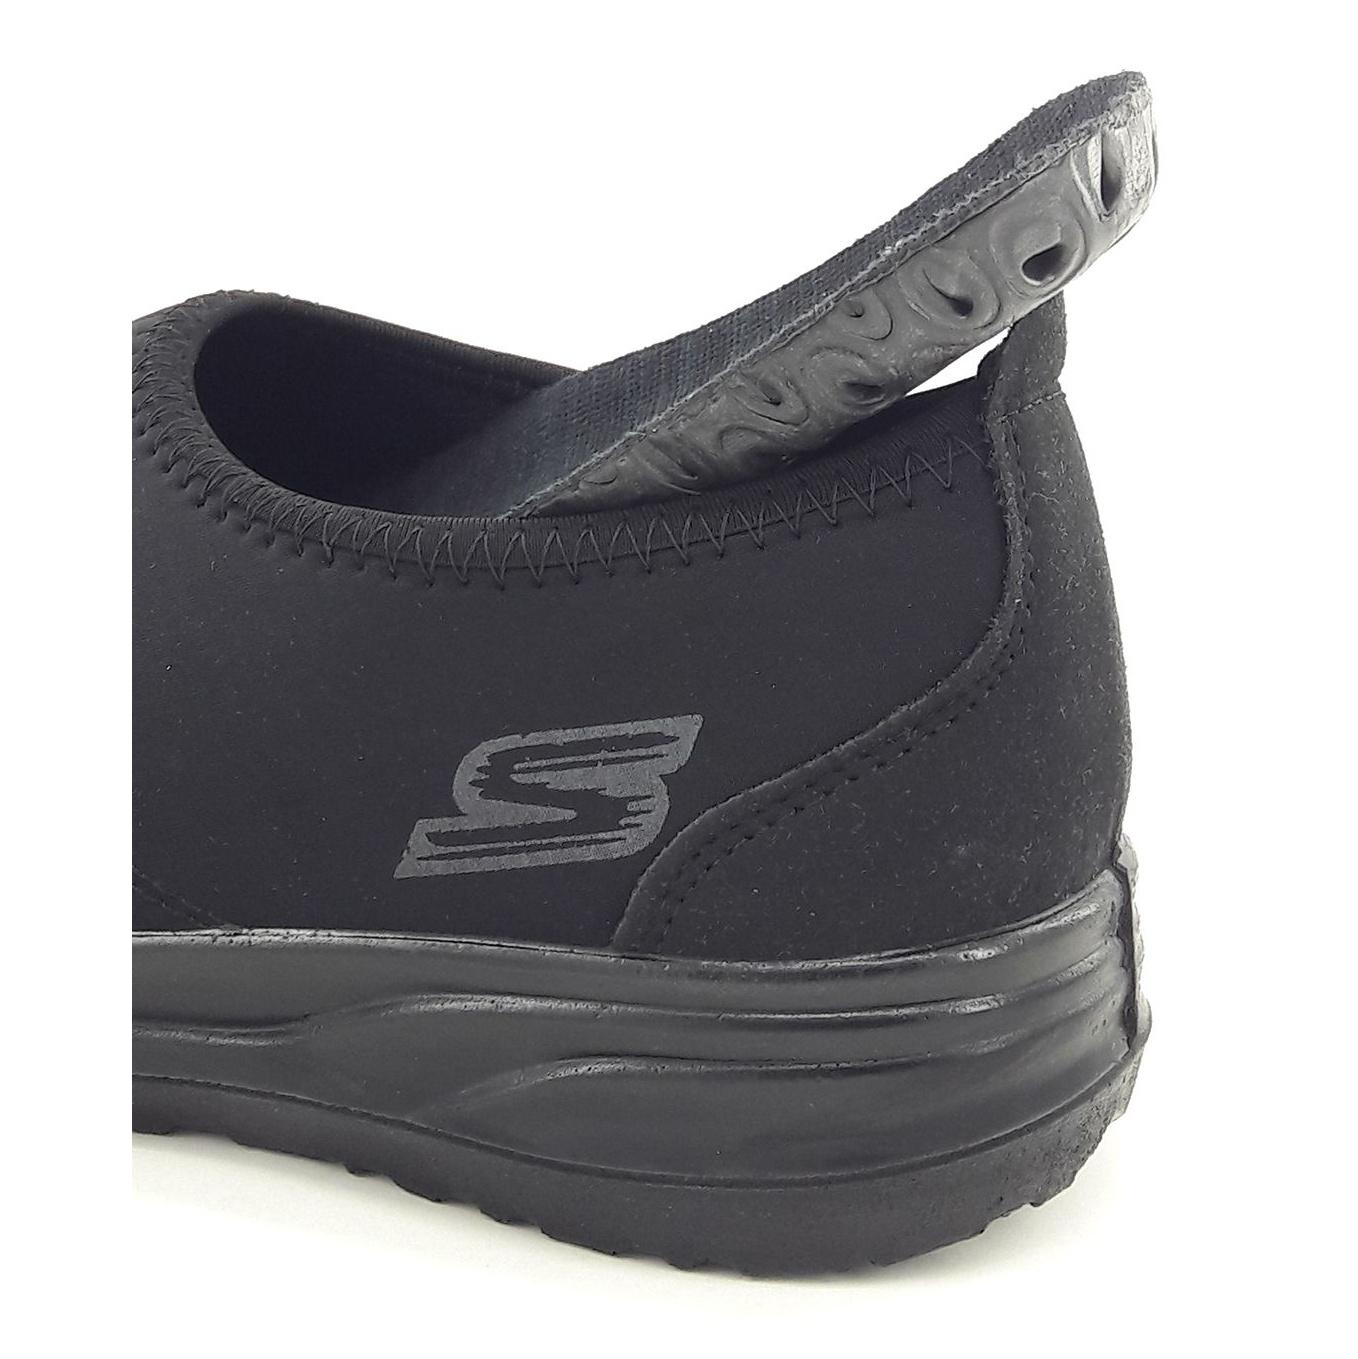 کفش مخصوص پیاده روی زنانه مدل S comfort.cp.40.bl-001